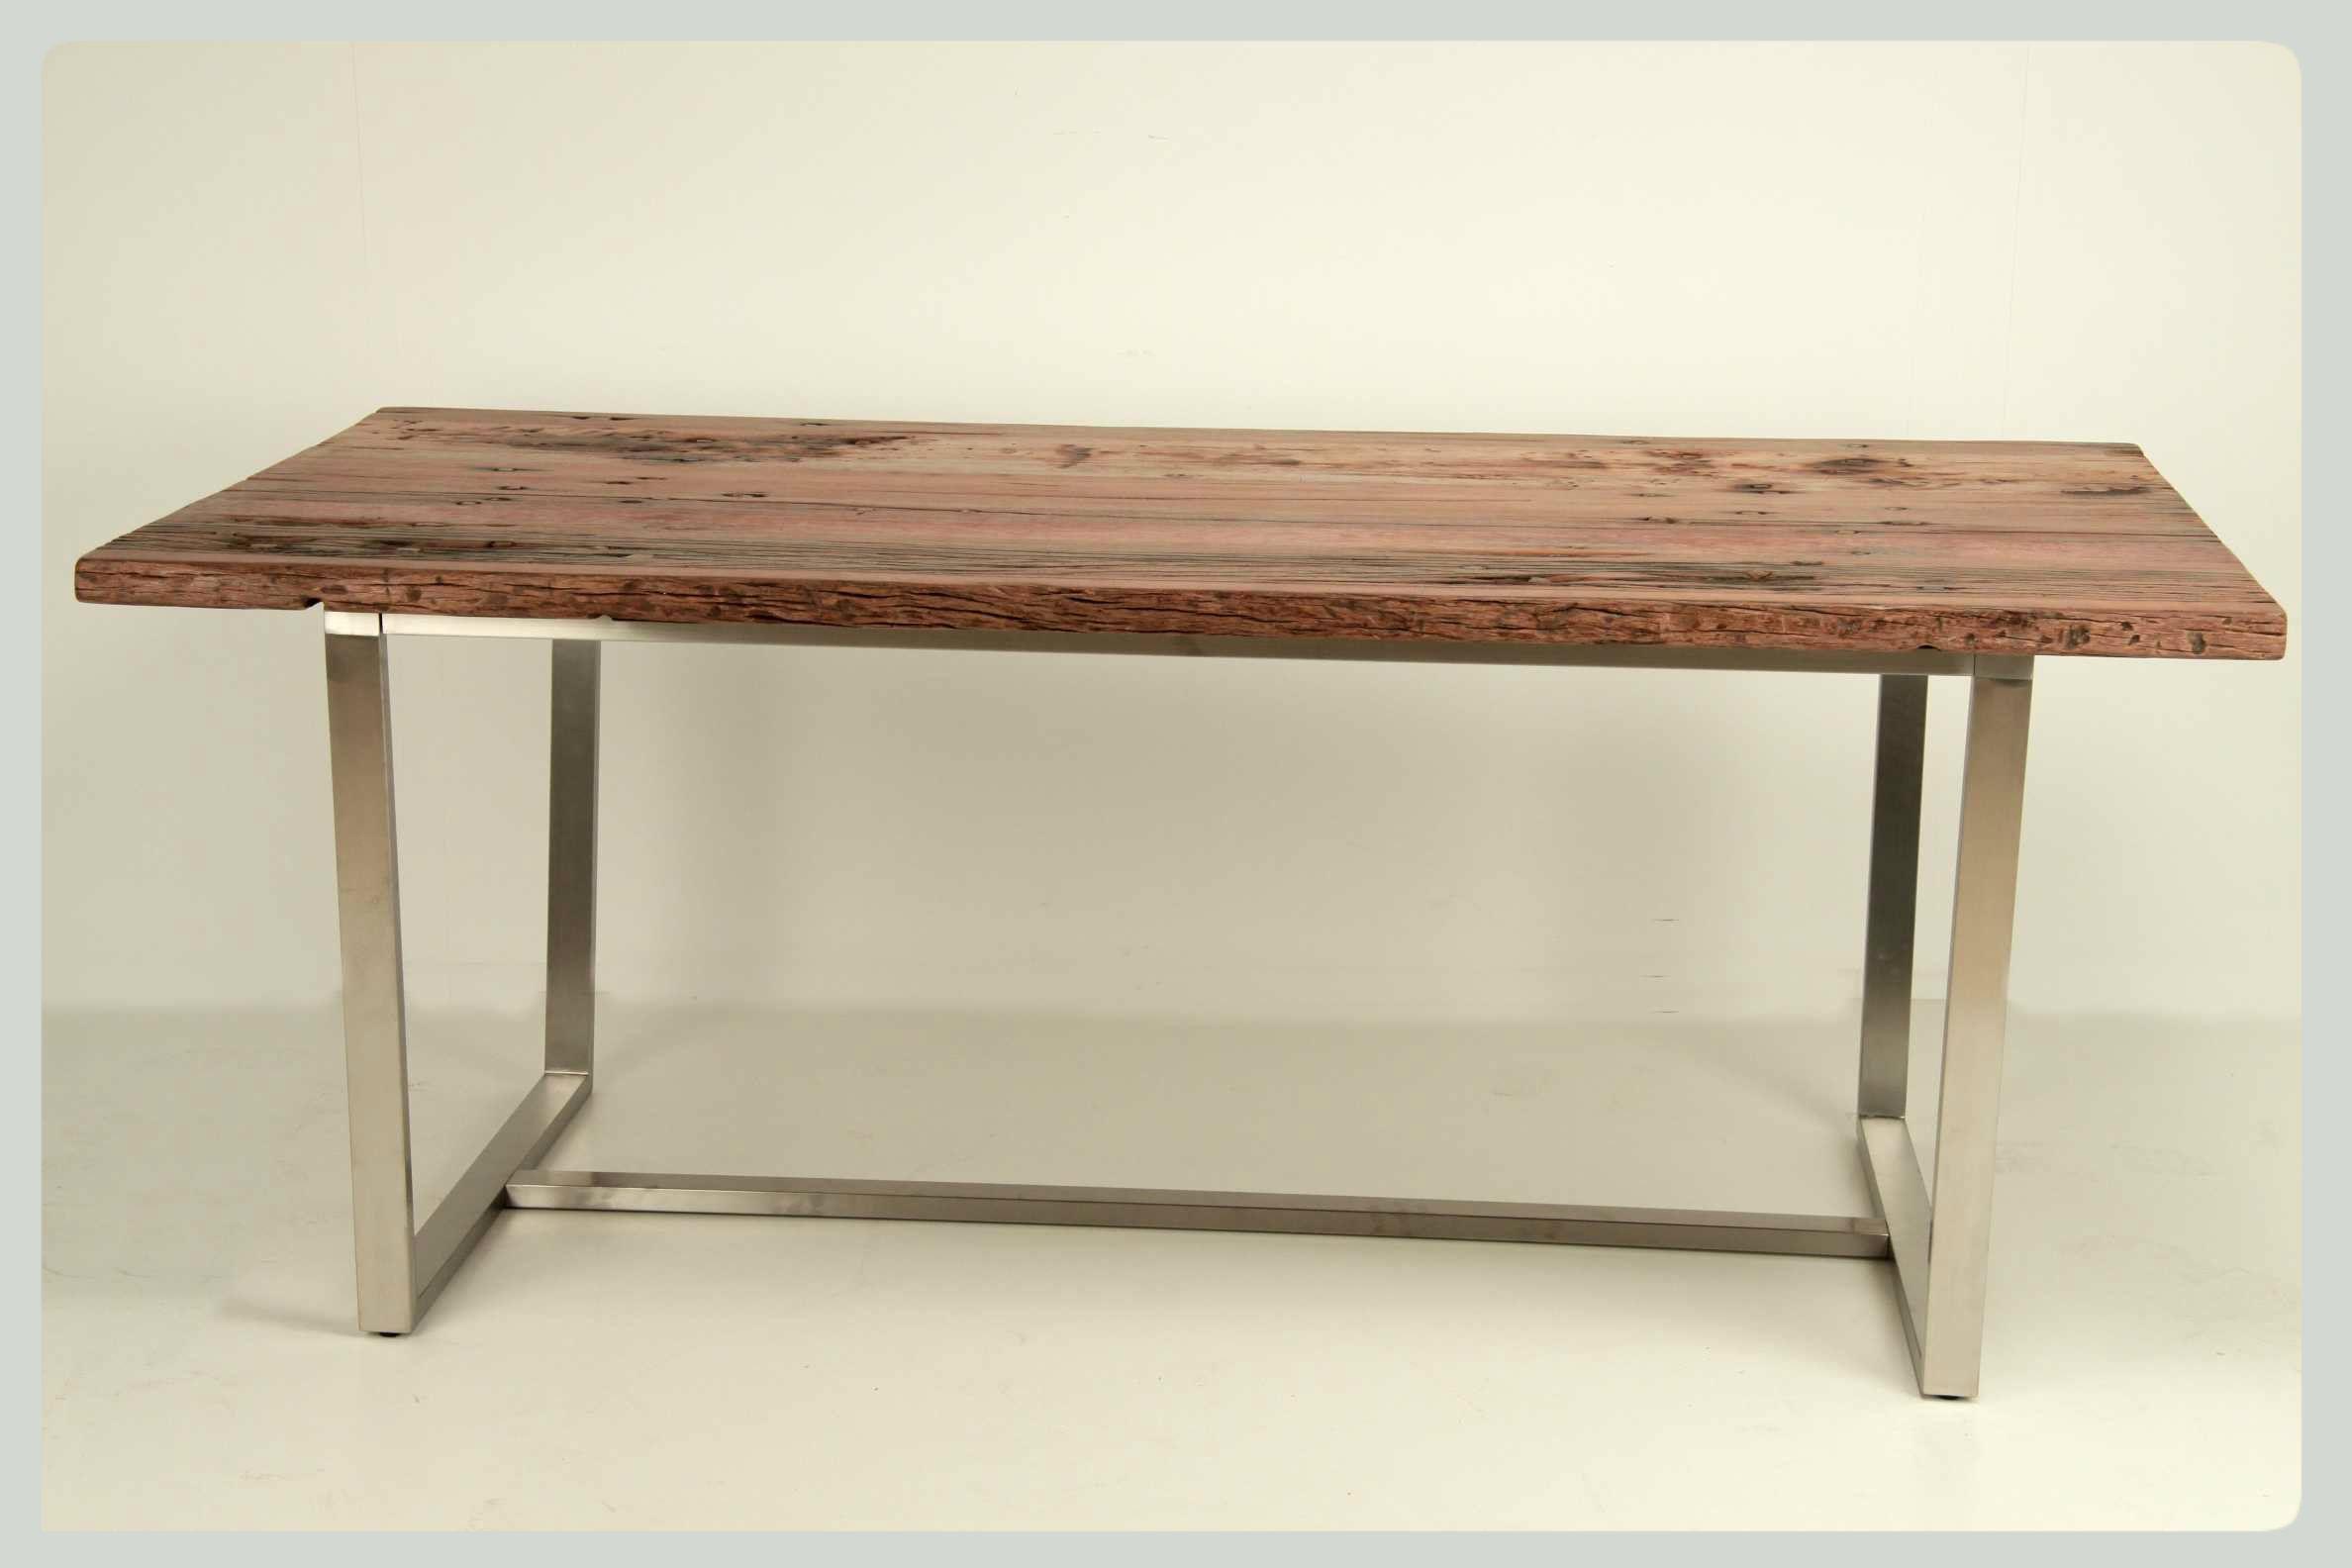 Mesa tapa madera 2 376 1 584 pixels posibles for Mesas de comedor de madera